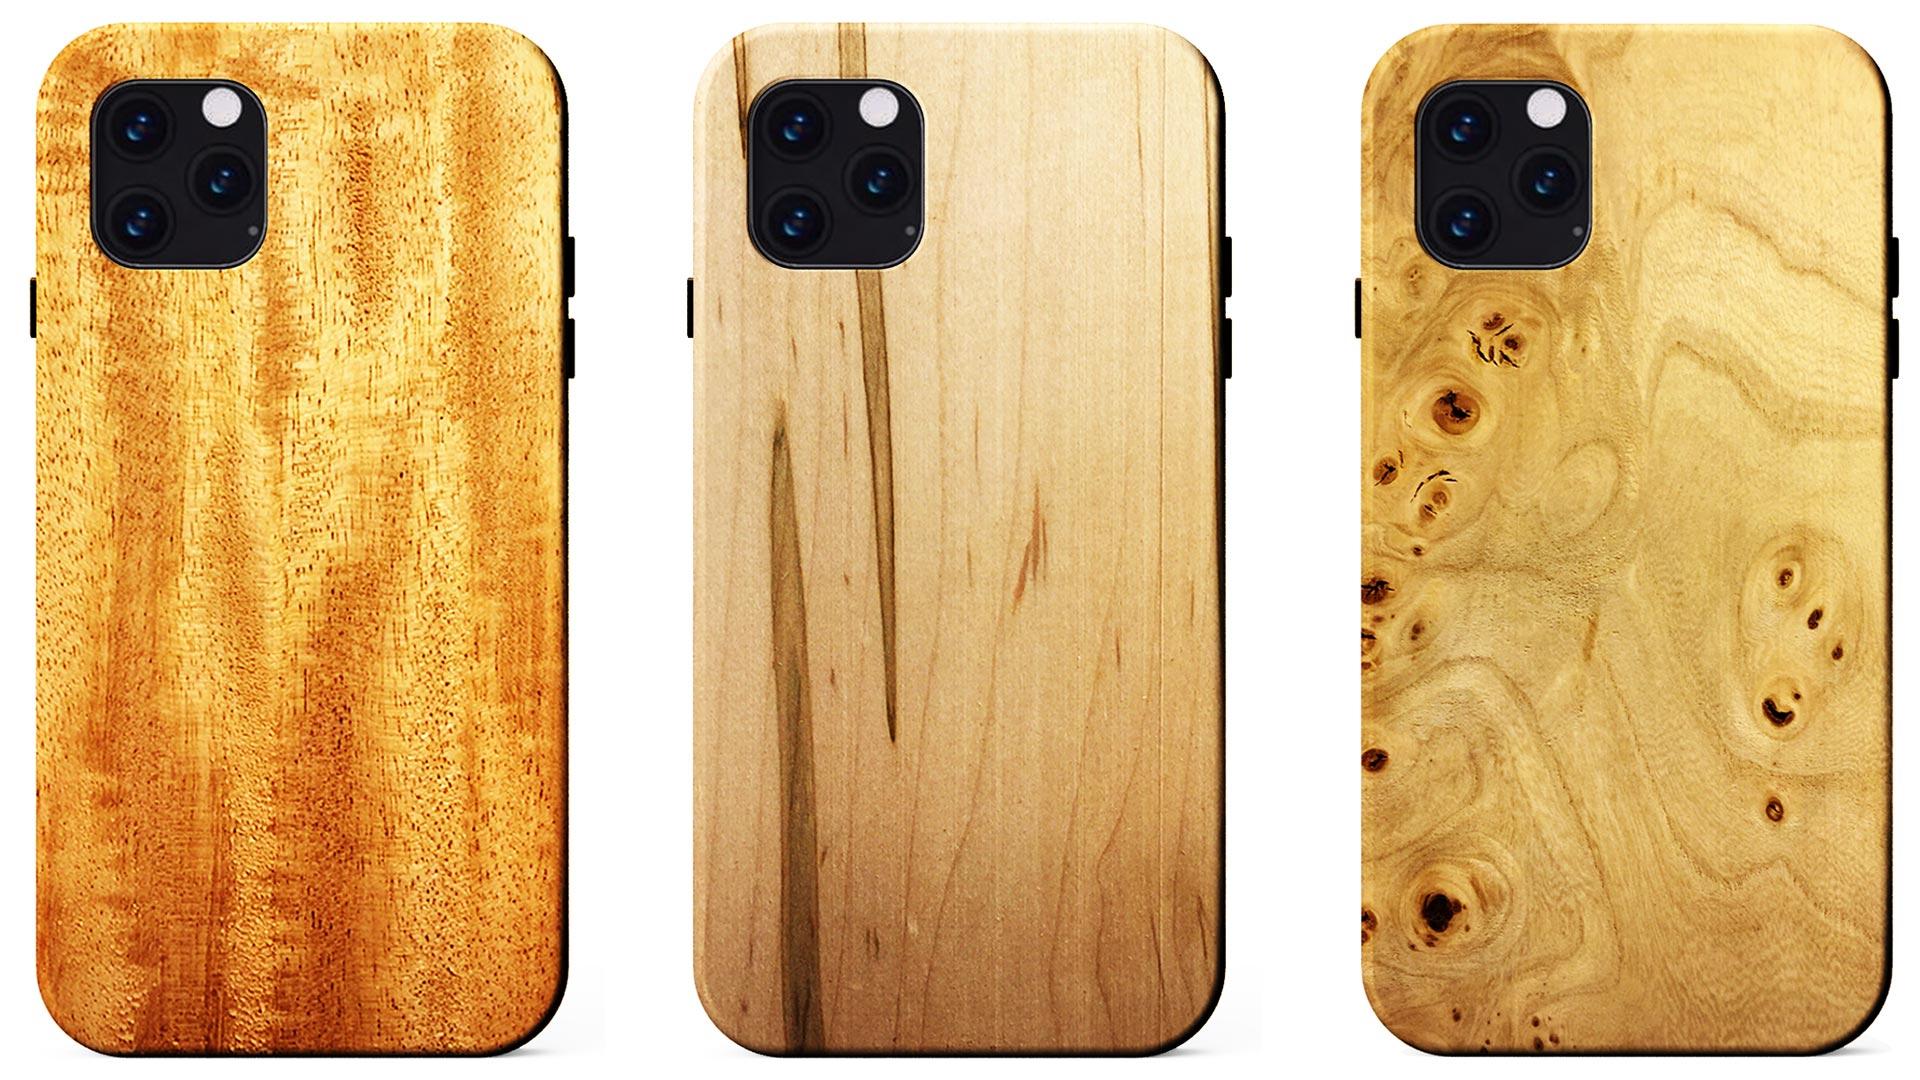 Gama de estuches de madera para iPhone 11, 11 Pro y 11 Pro Max de KERF